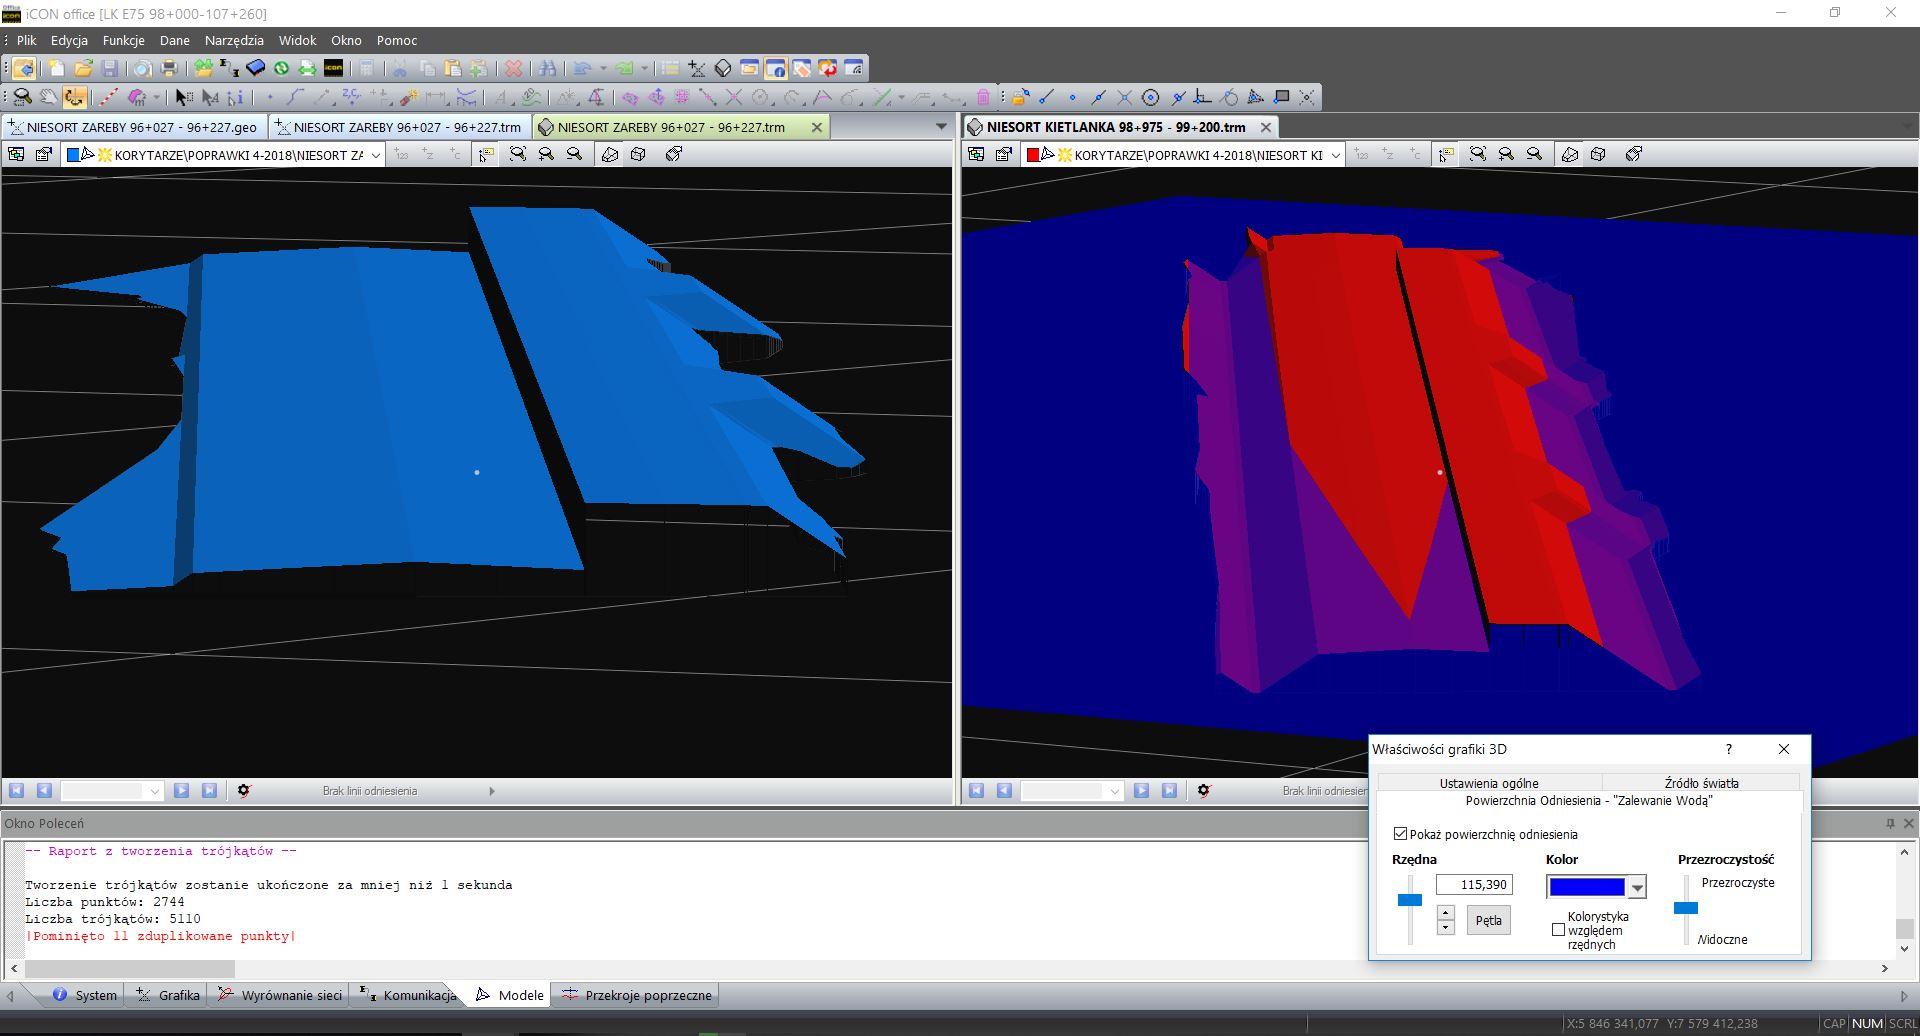 Modele peronów 3D z rowami i bez i z zalewaniem wody 2